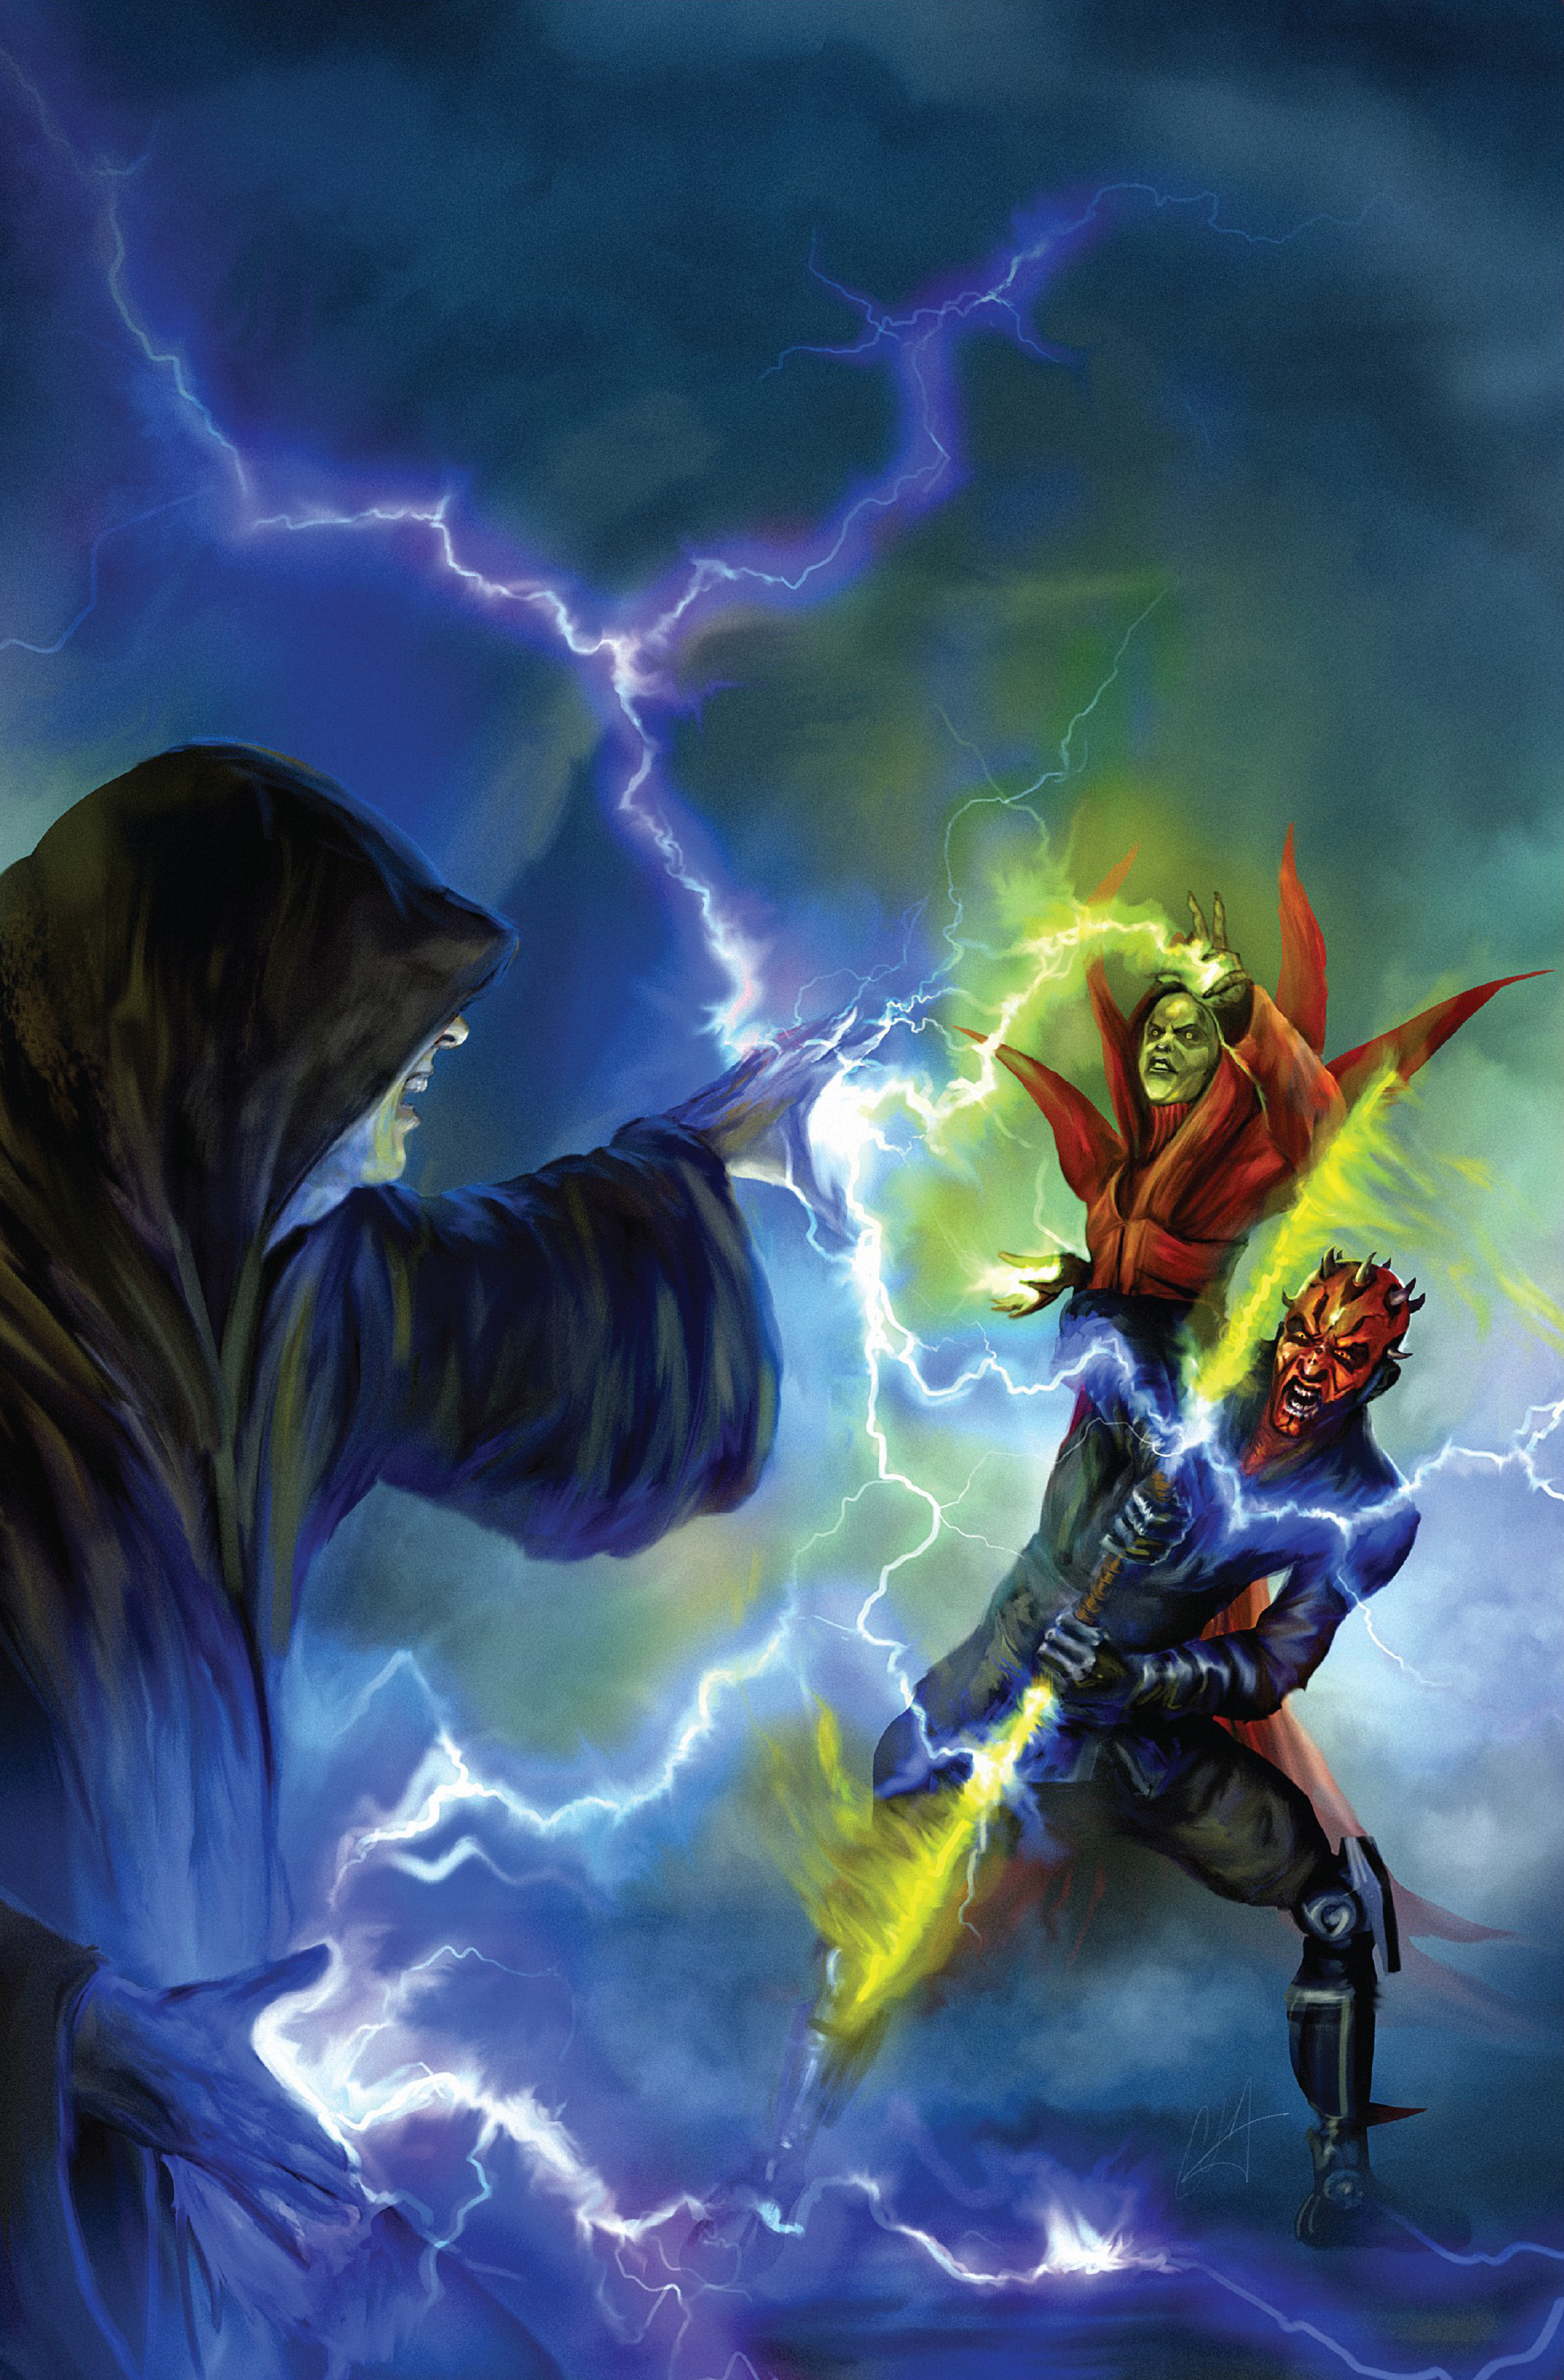 Darth Krayt vs Darth Sidious Darth Sidious vs Darth Vader